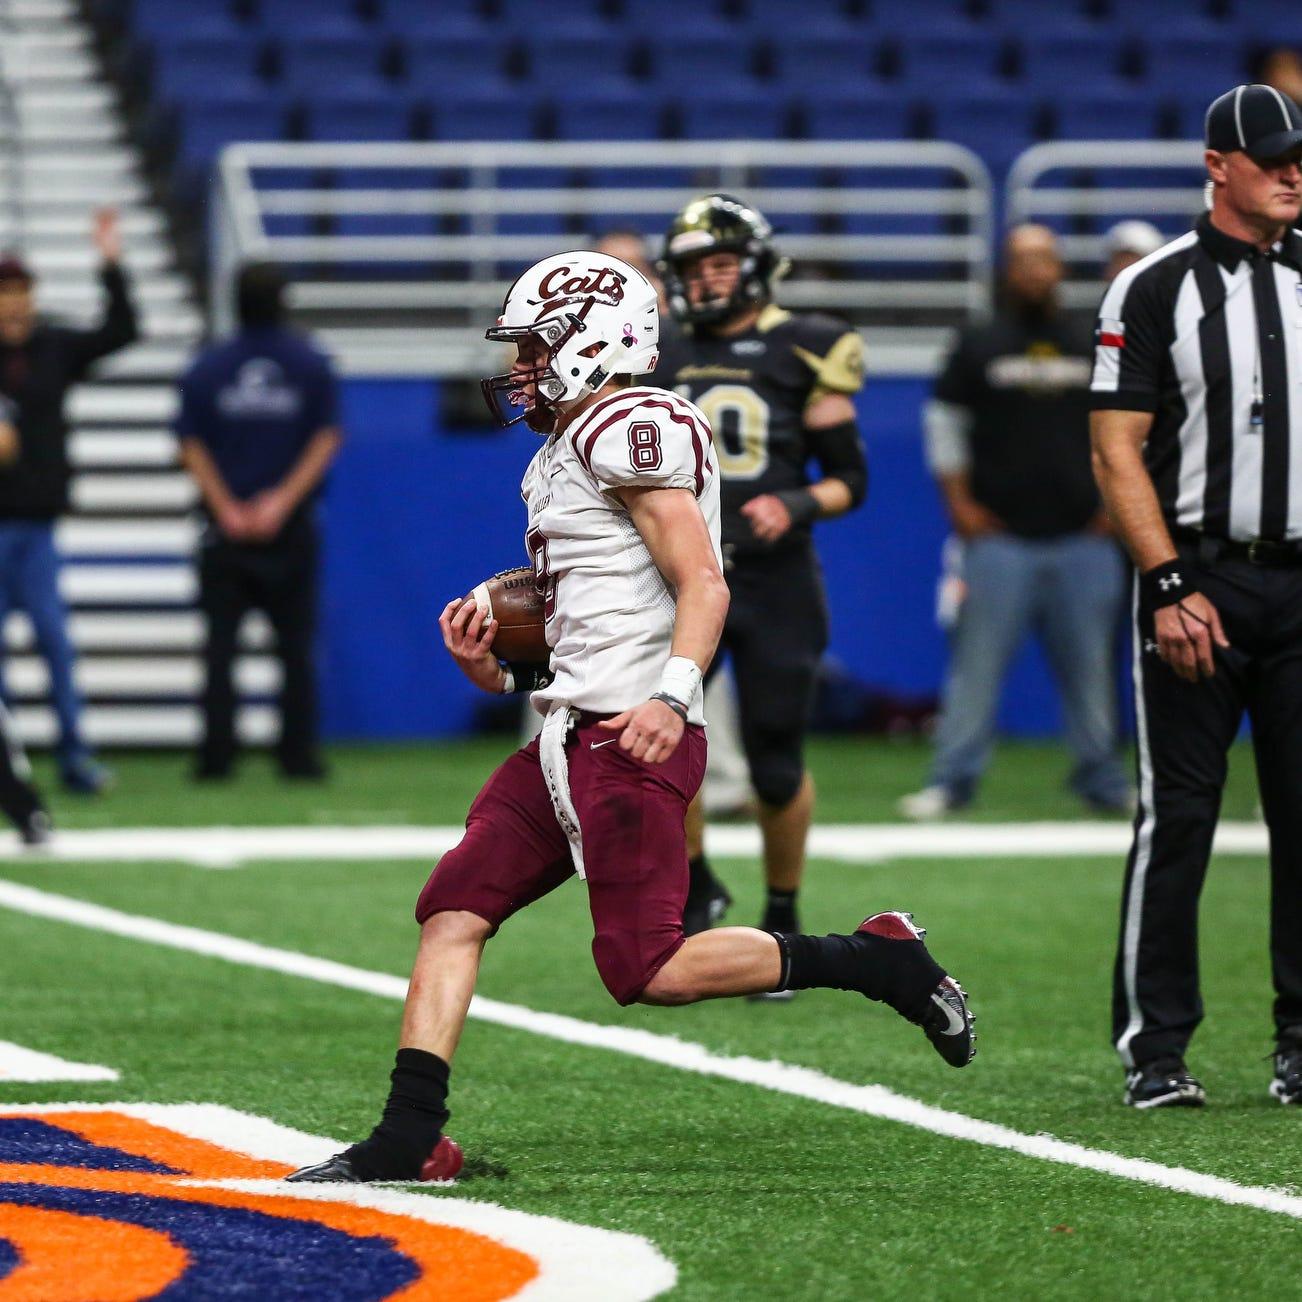 Texas High School Football Playoffs: Calallen vs. Fort Bend Marshall Recap